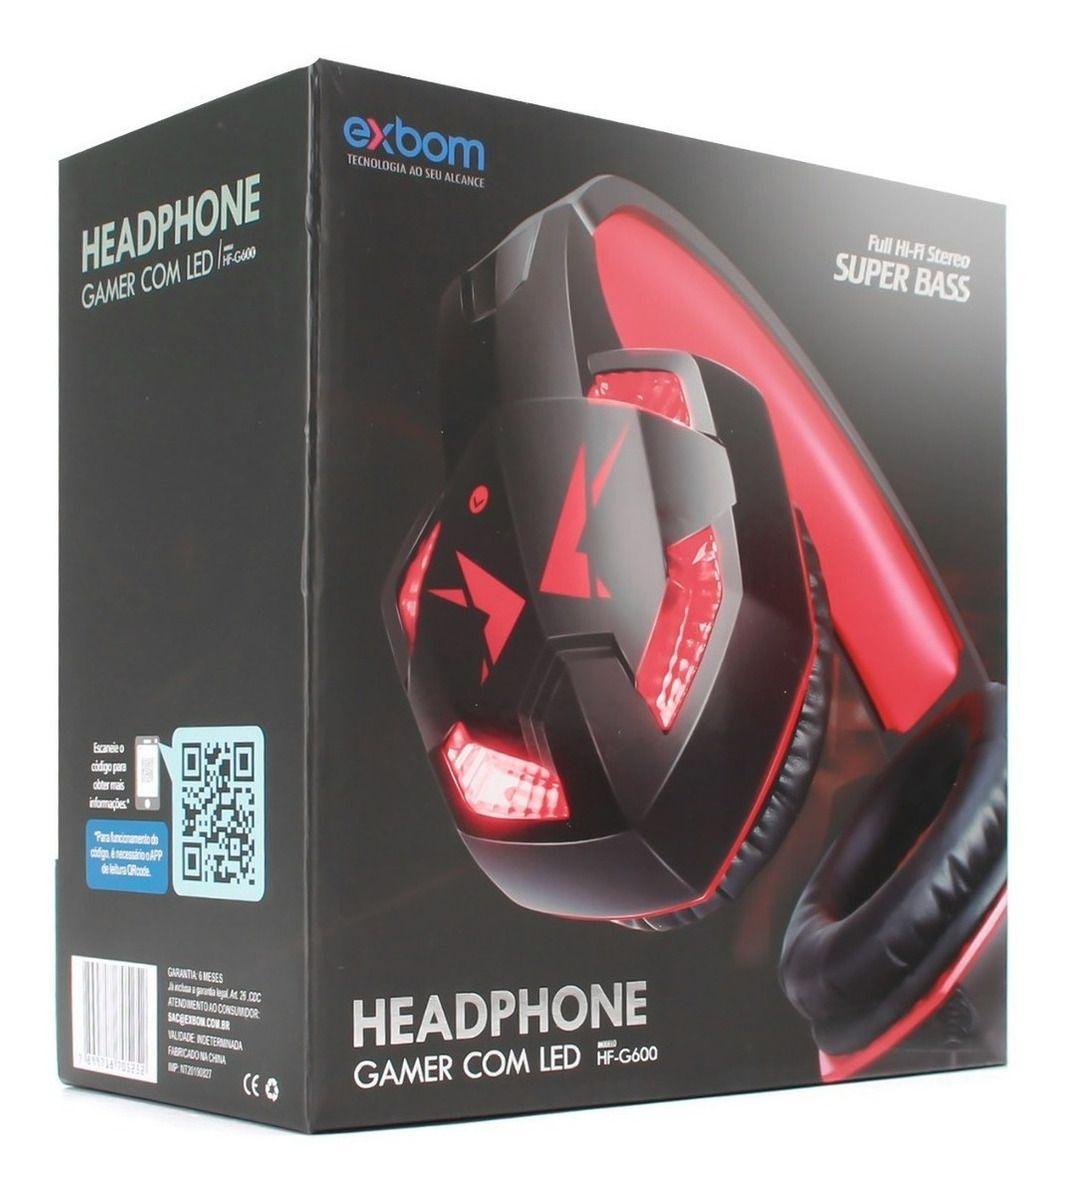 HEADPHONE GAMER COM LED HF-G600 EXBOM